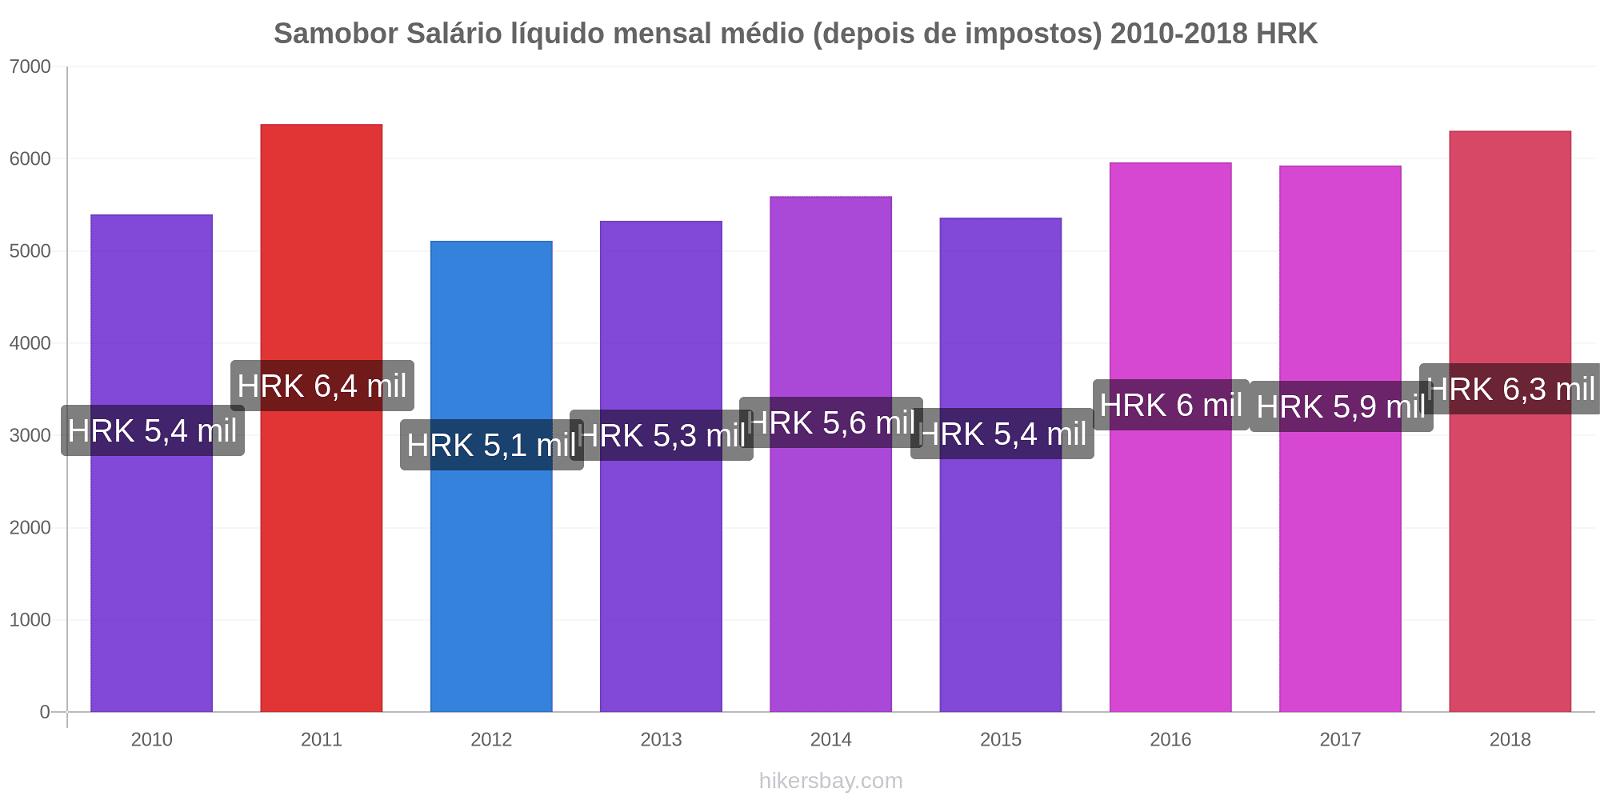 Samobor variação de preço Salário líquido mensal médio (depois de impostos) hikersbay.com